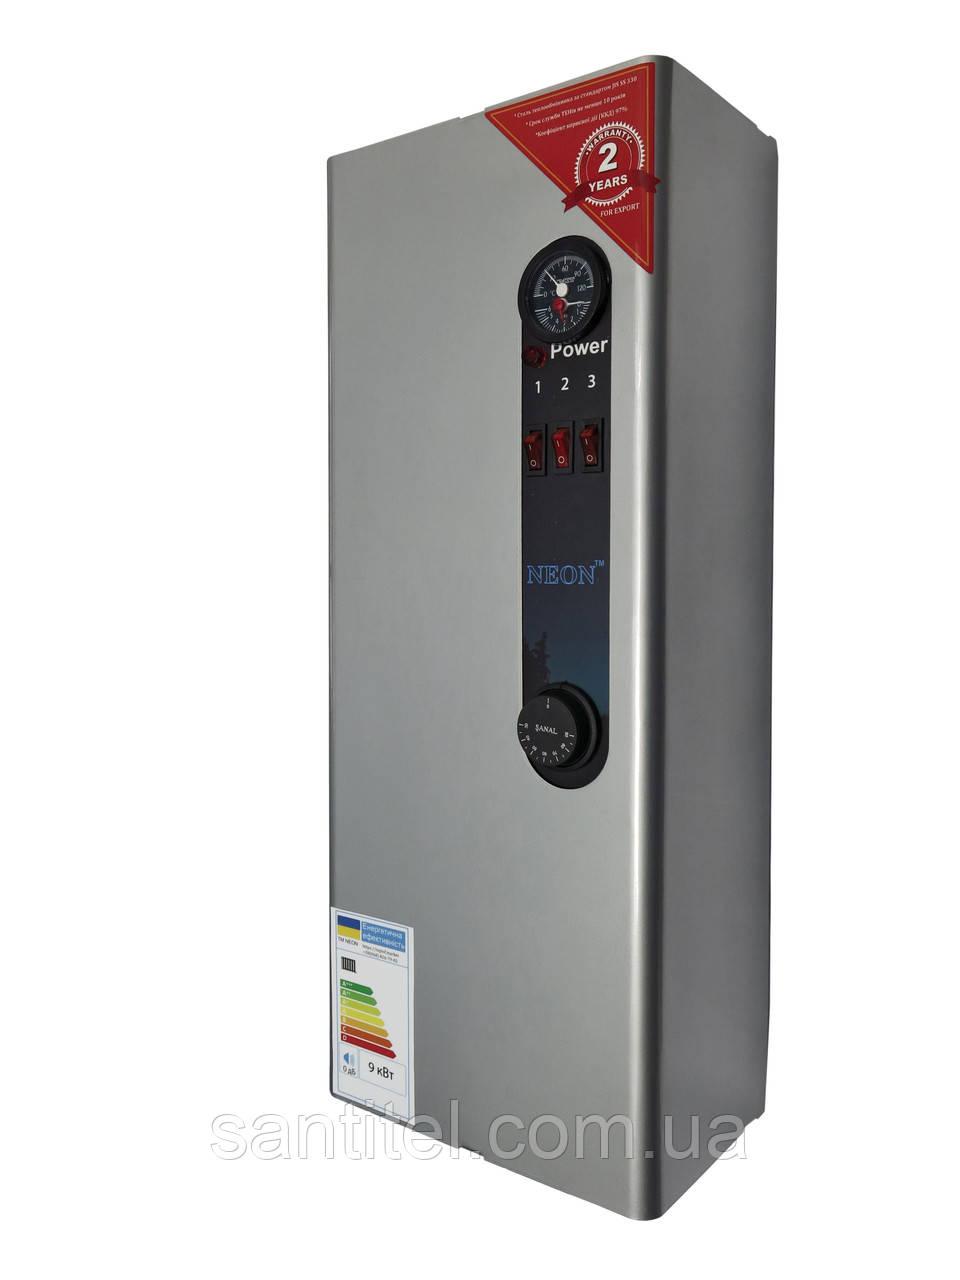 Электрический котел NEON WCSMG  9.0 кВт 220/380 В, модульный контактор